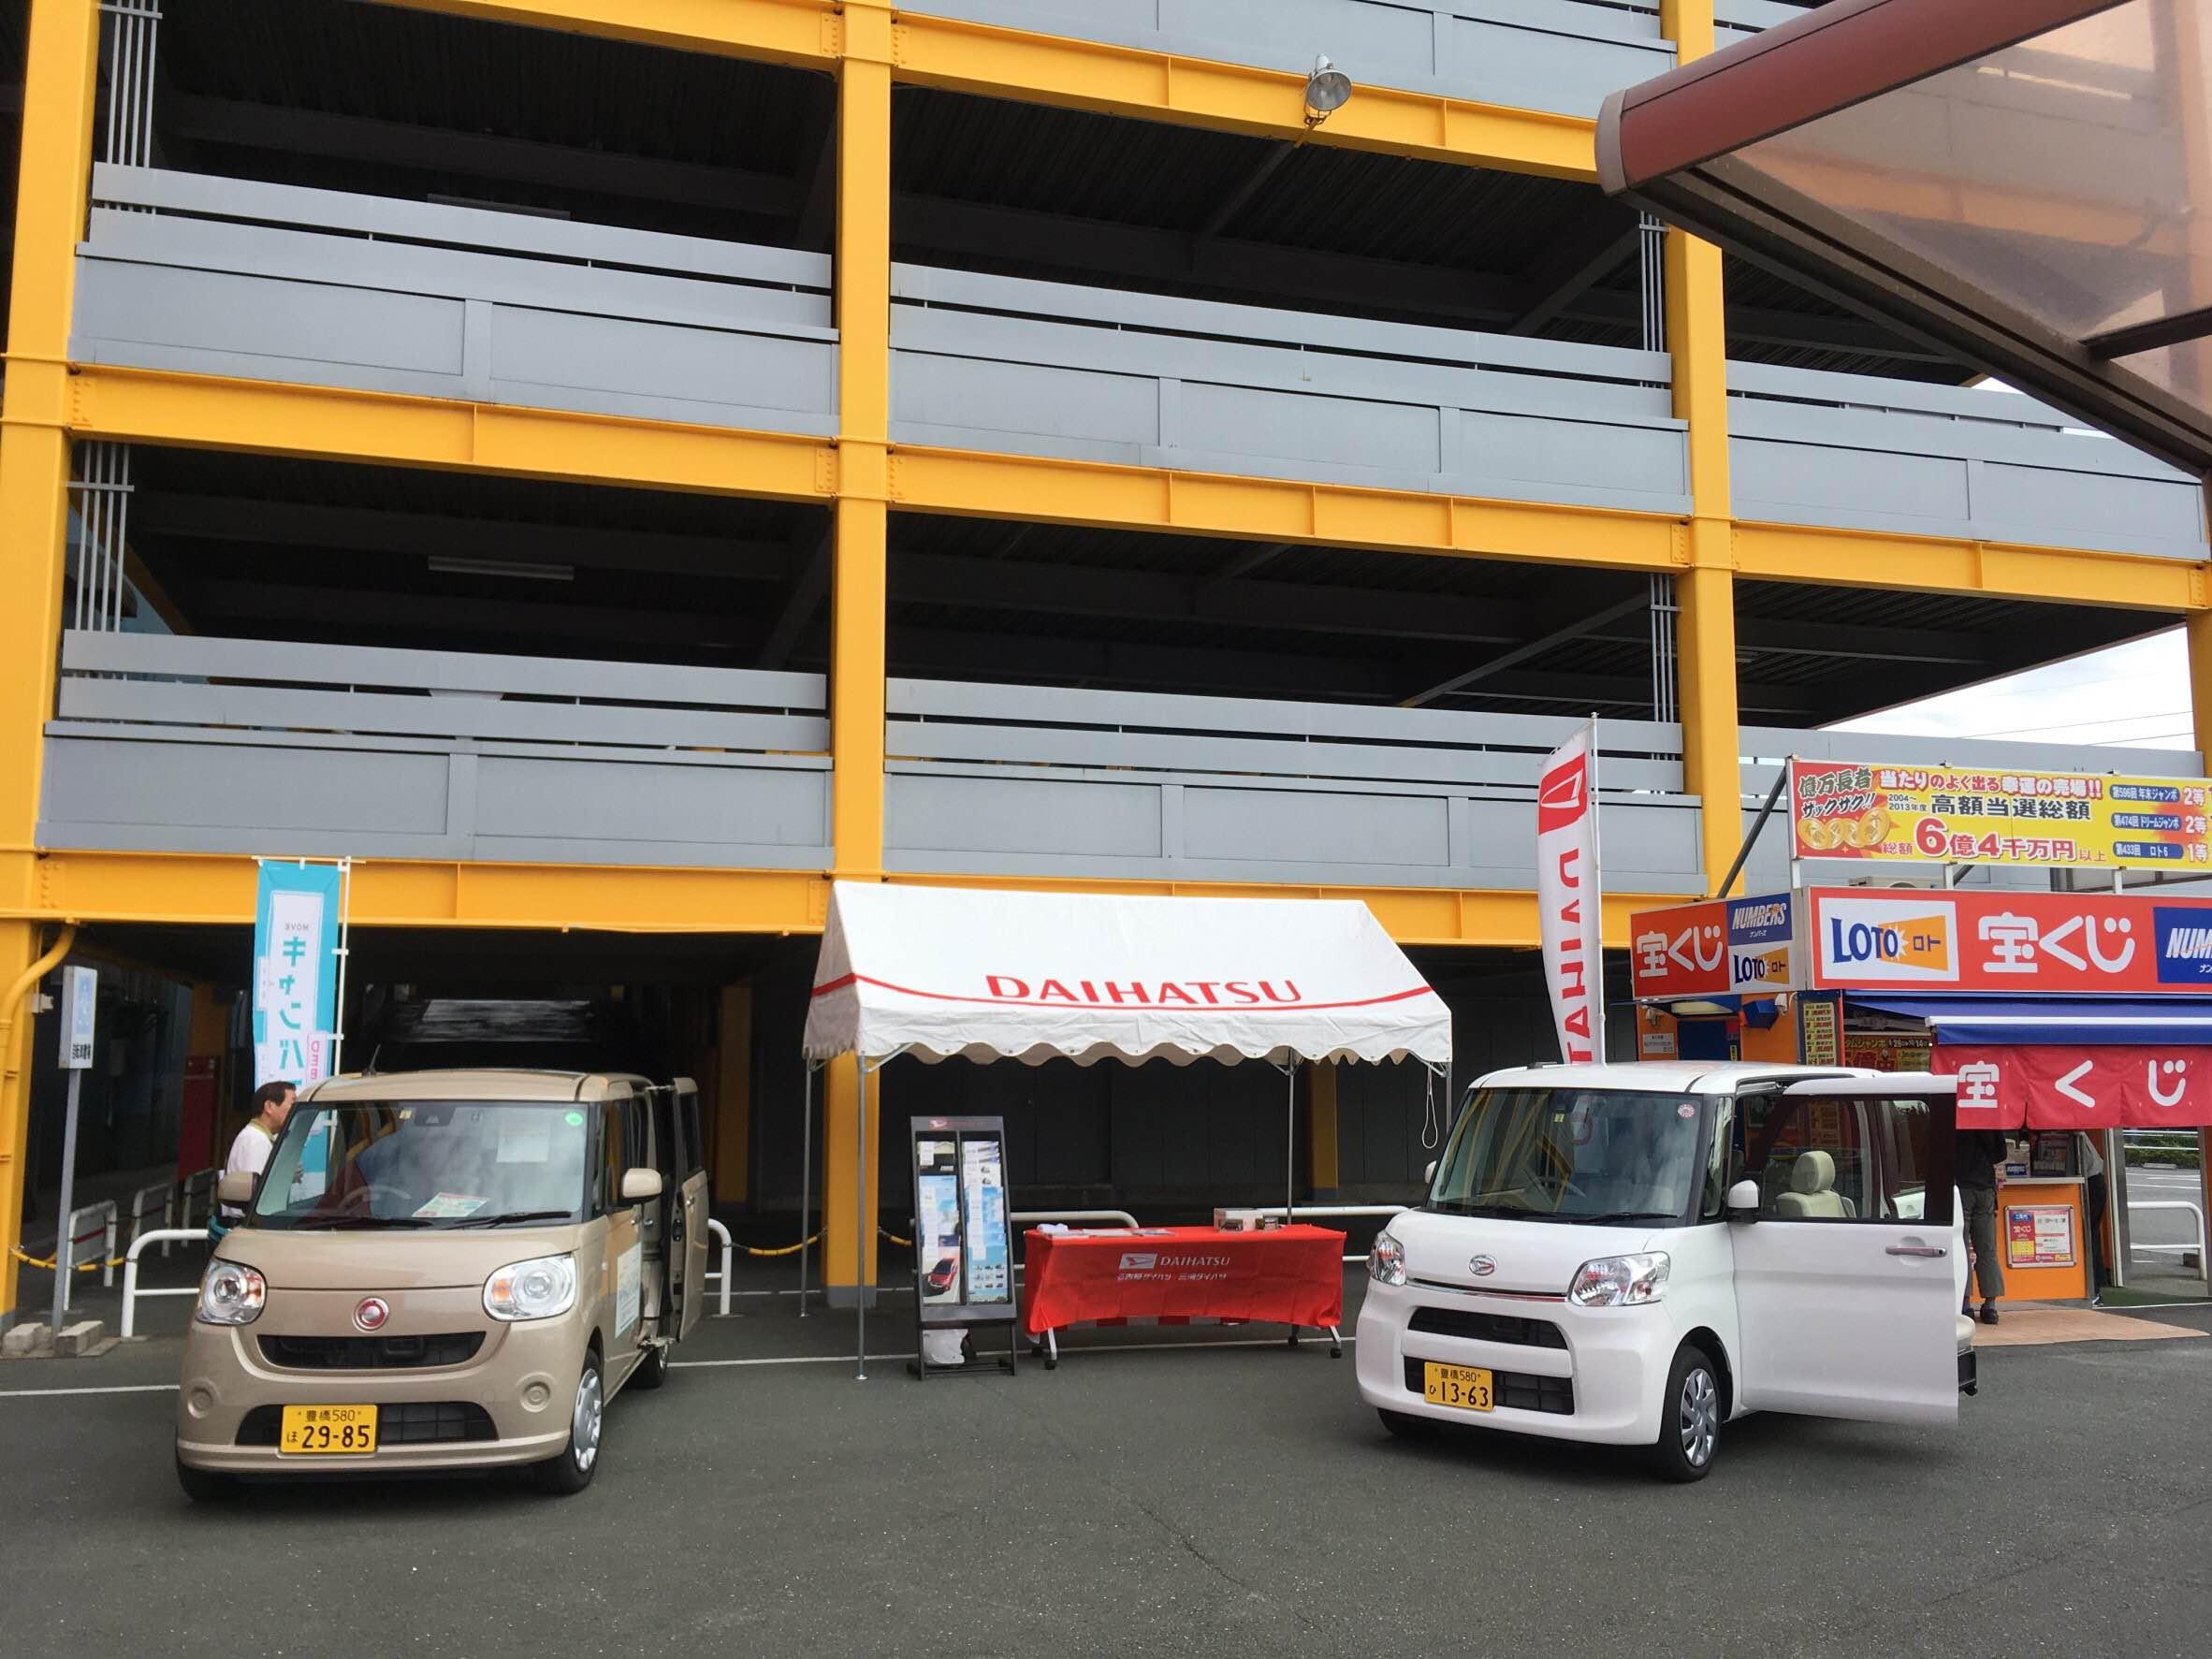 10月10日アピタ向山店で車両展示会を実施しました!